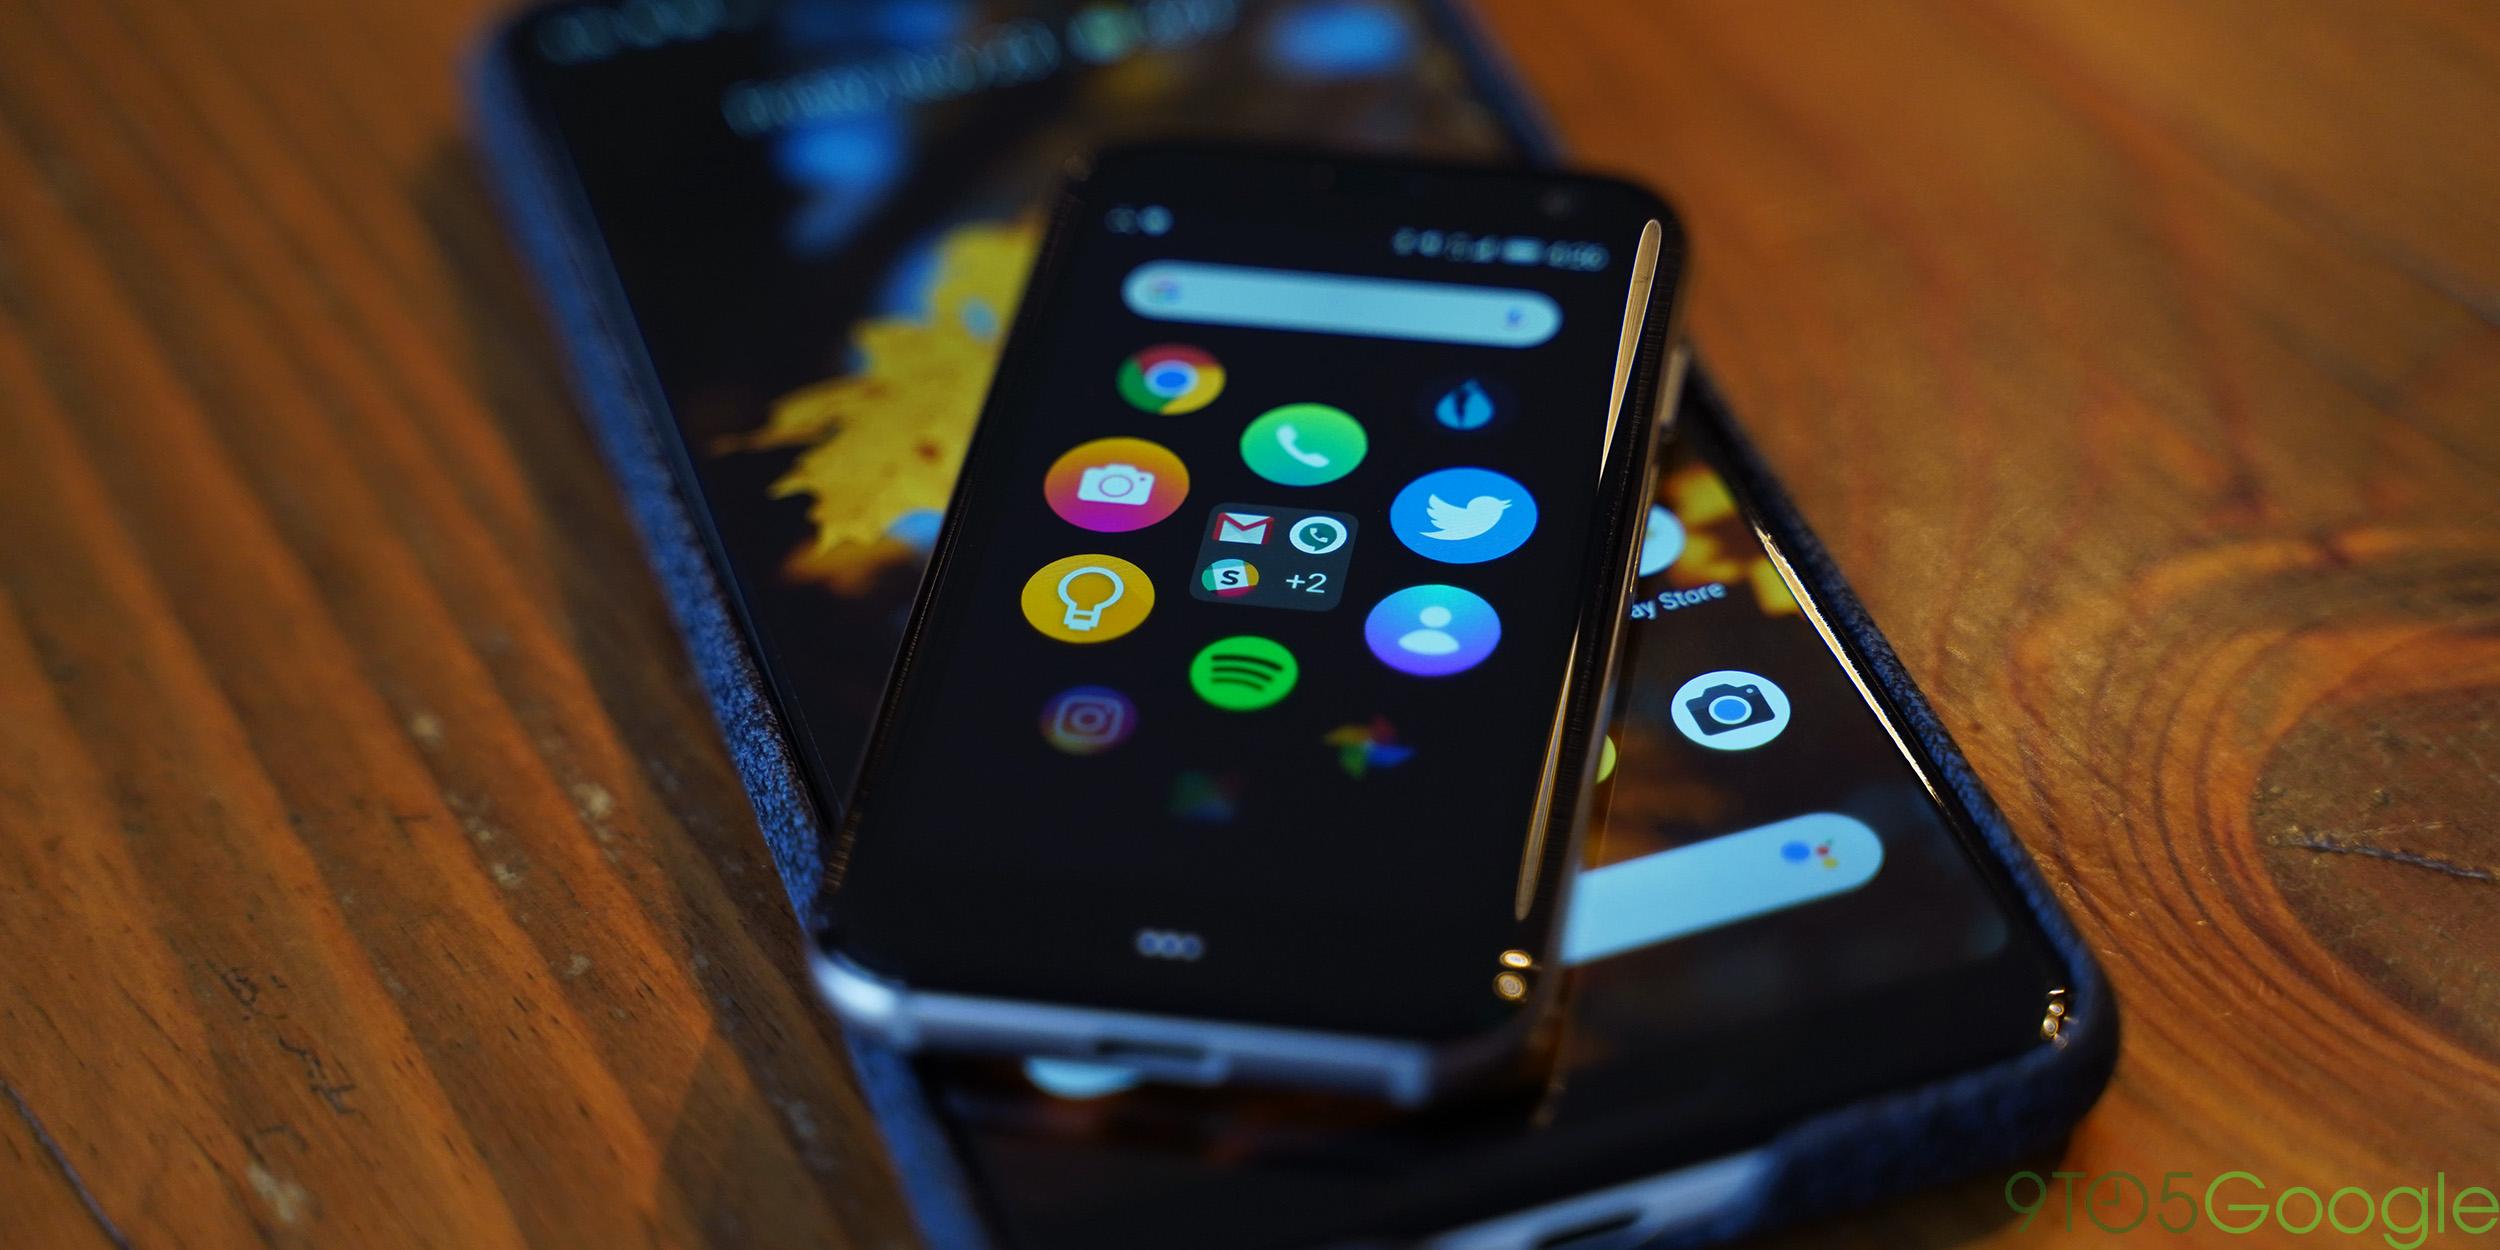 Die Top-Storys dieser Woche: Palm Phone wird solo geschaltet, Google Pixel 4 wird in AOSP angezeigt, der Posteingang wird heruntergefahren, mehr